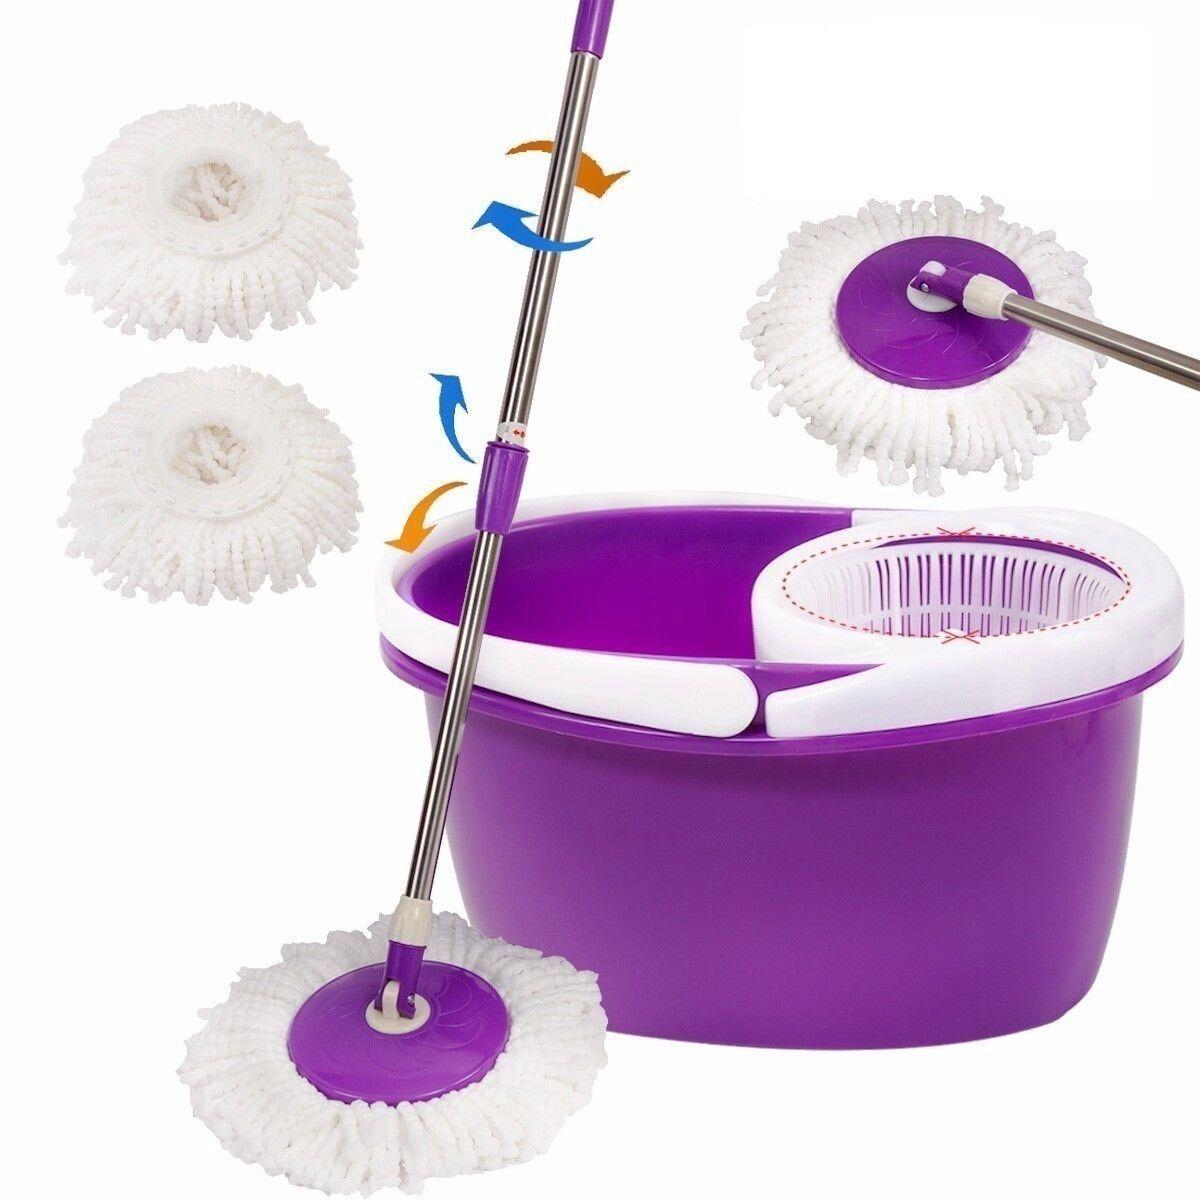 Easy Magic Floor Mop 360 Bucket 2 Heads Microfiber Spin Spinning Rotating In 2020 Easy Magic Microfiber Spin Mop